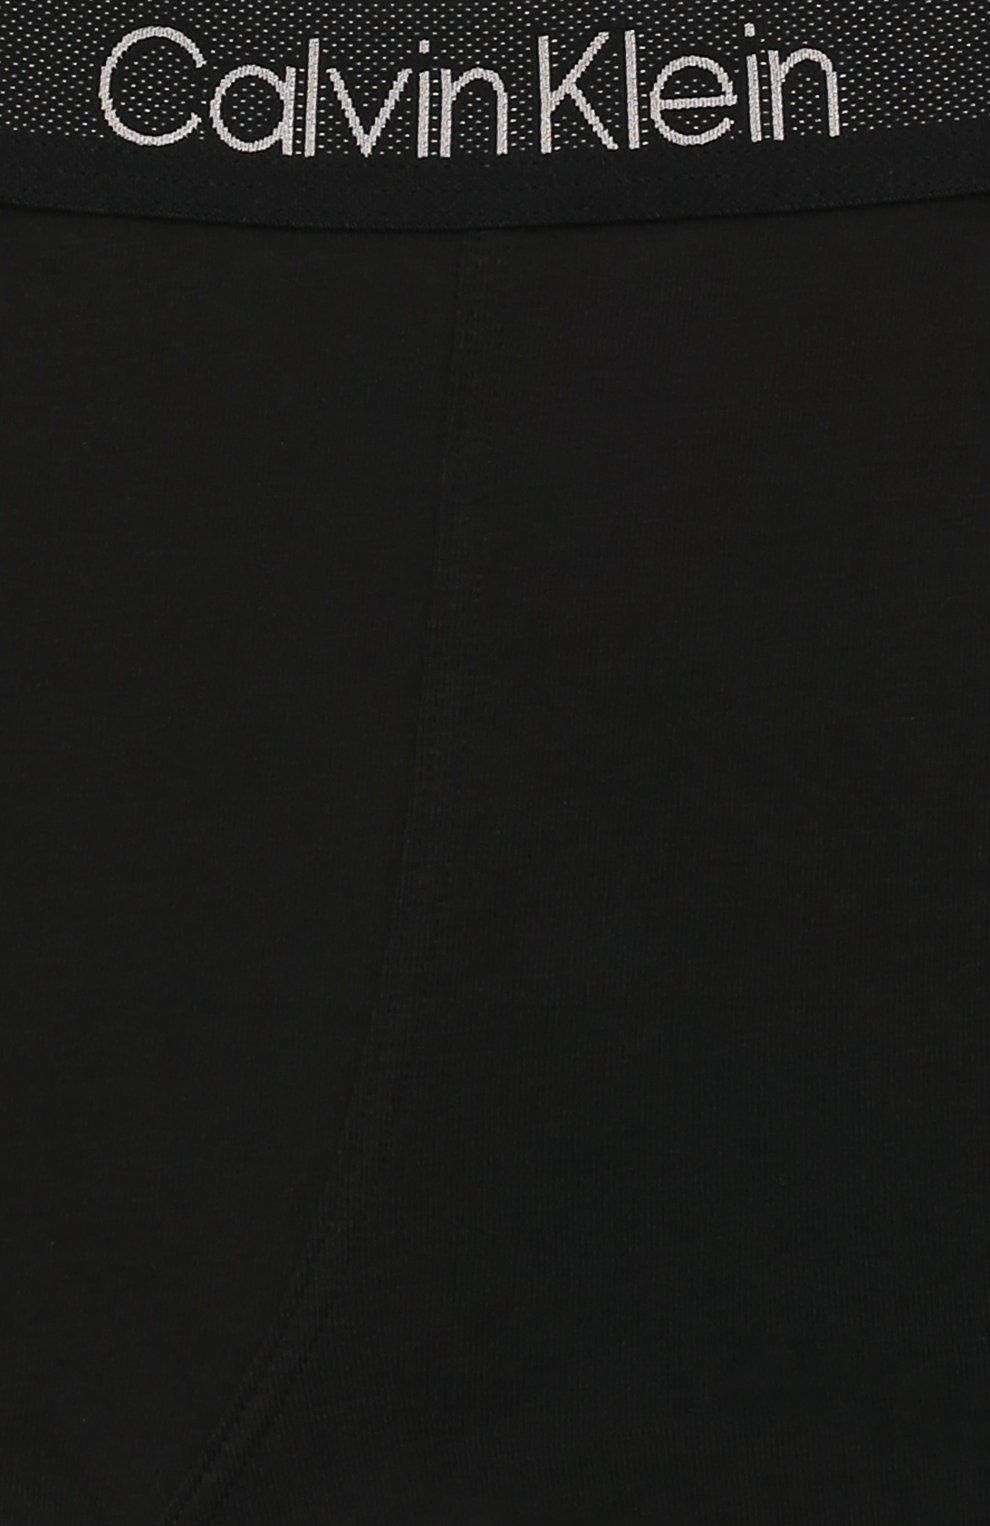 Детские комплект из двух пар трусов CALVIN KLEIN хаки цвета, арт. B70B700198 | Фото 4